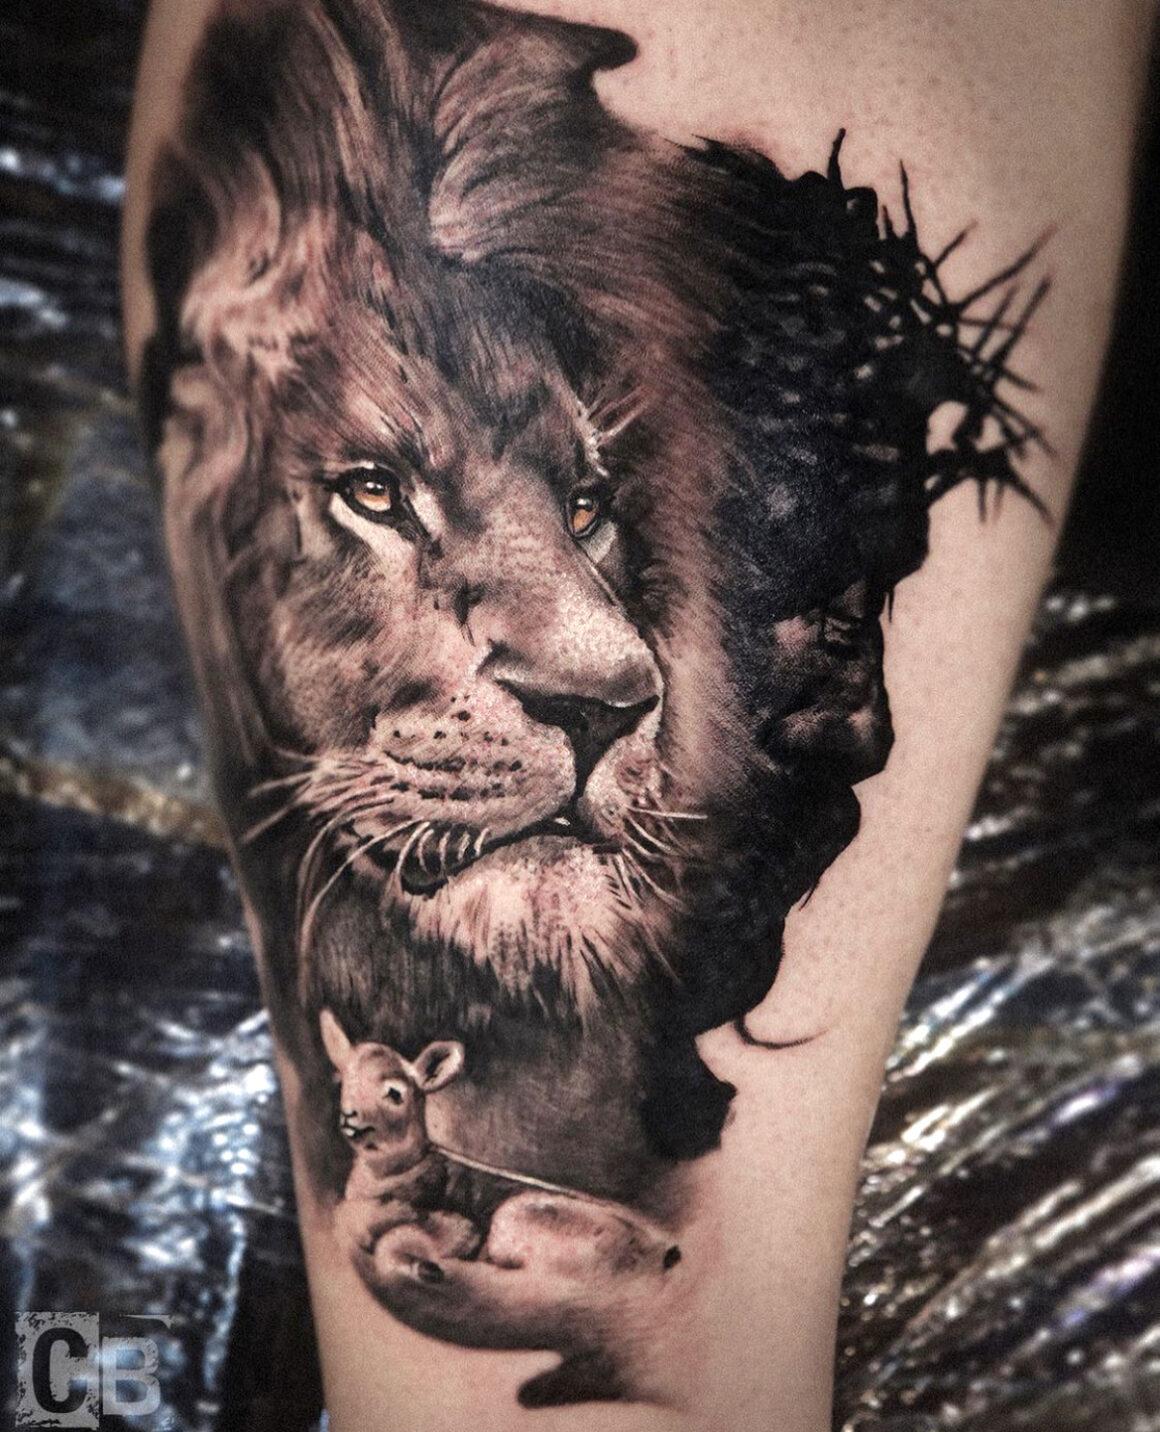 Chris Block, Fallout Tattoo, Munzemberg, Germany